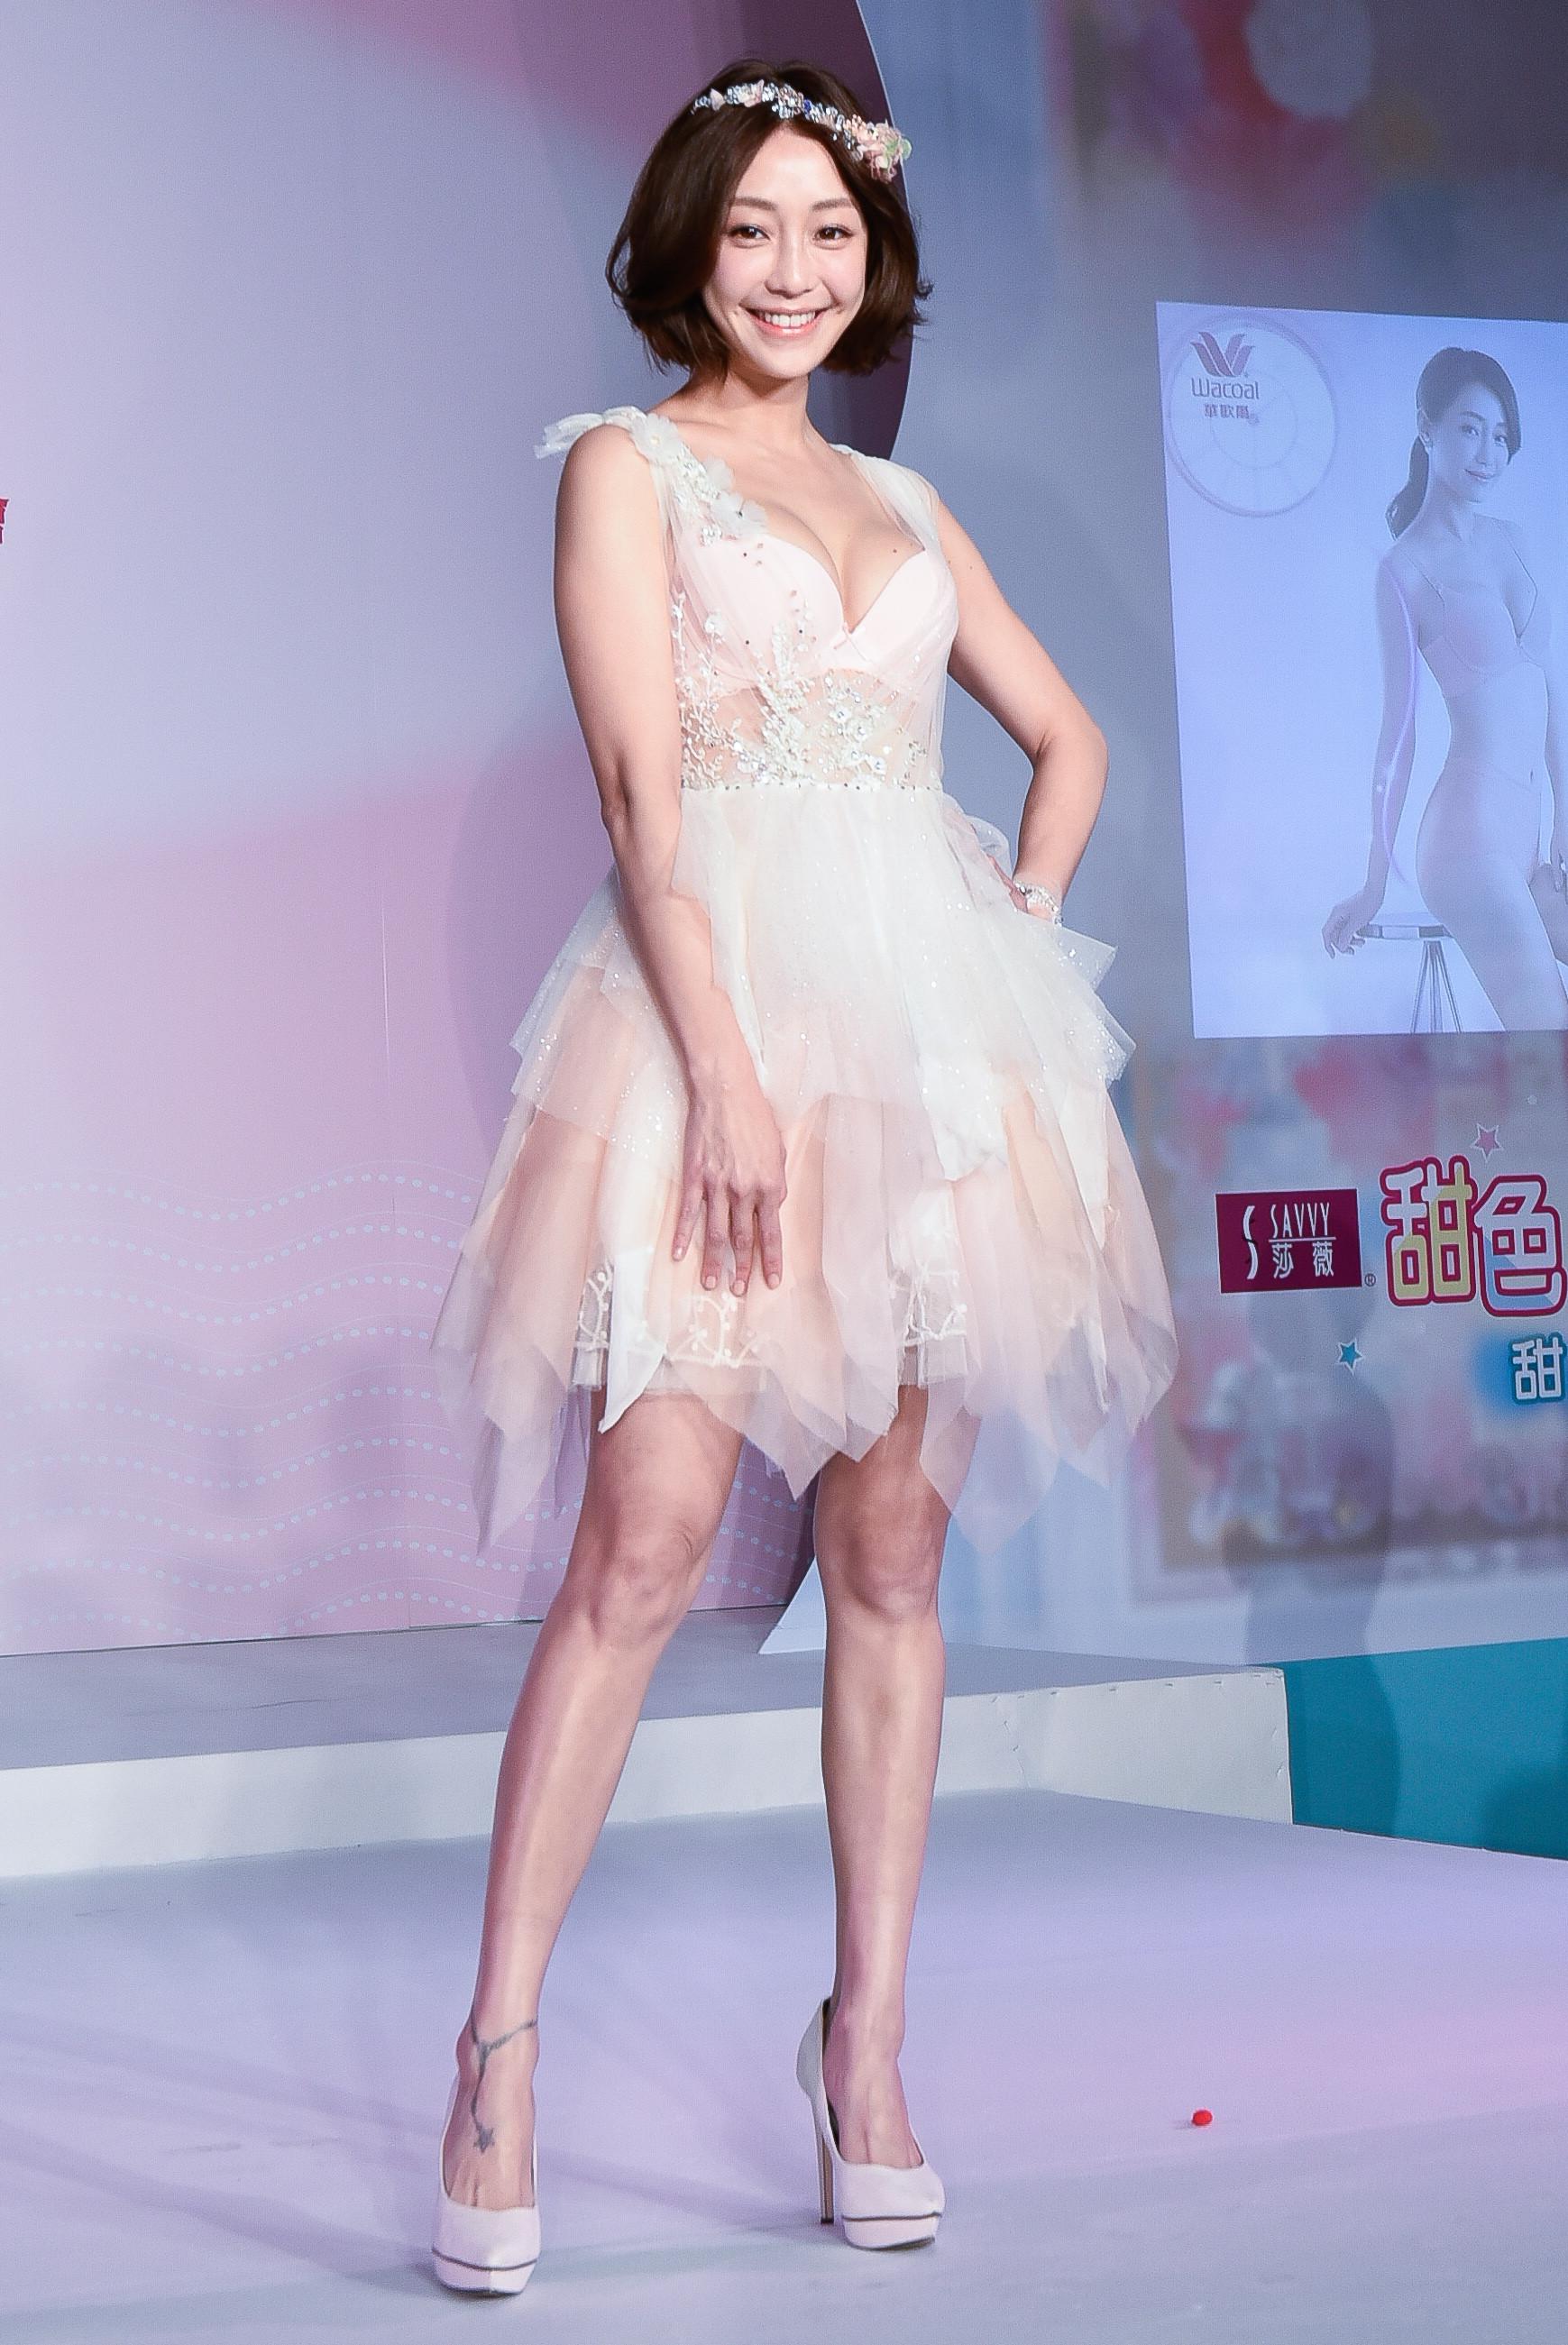 谢欣颖领军模特儿展演华歌尔新品「坐姿美人」裤及「记形美人」内衣